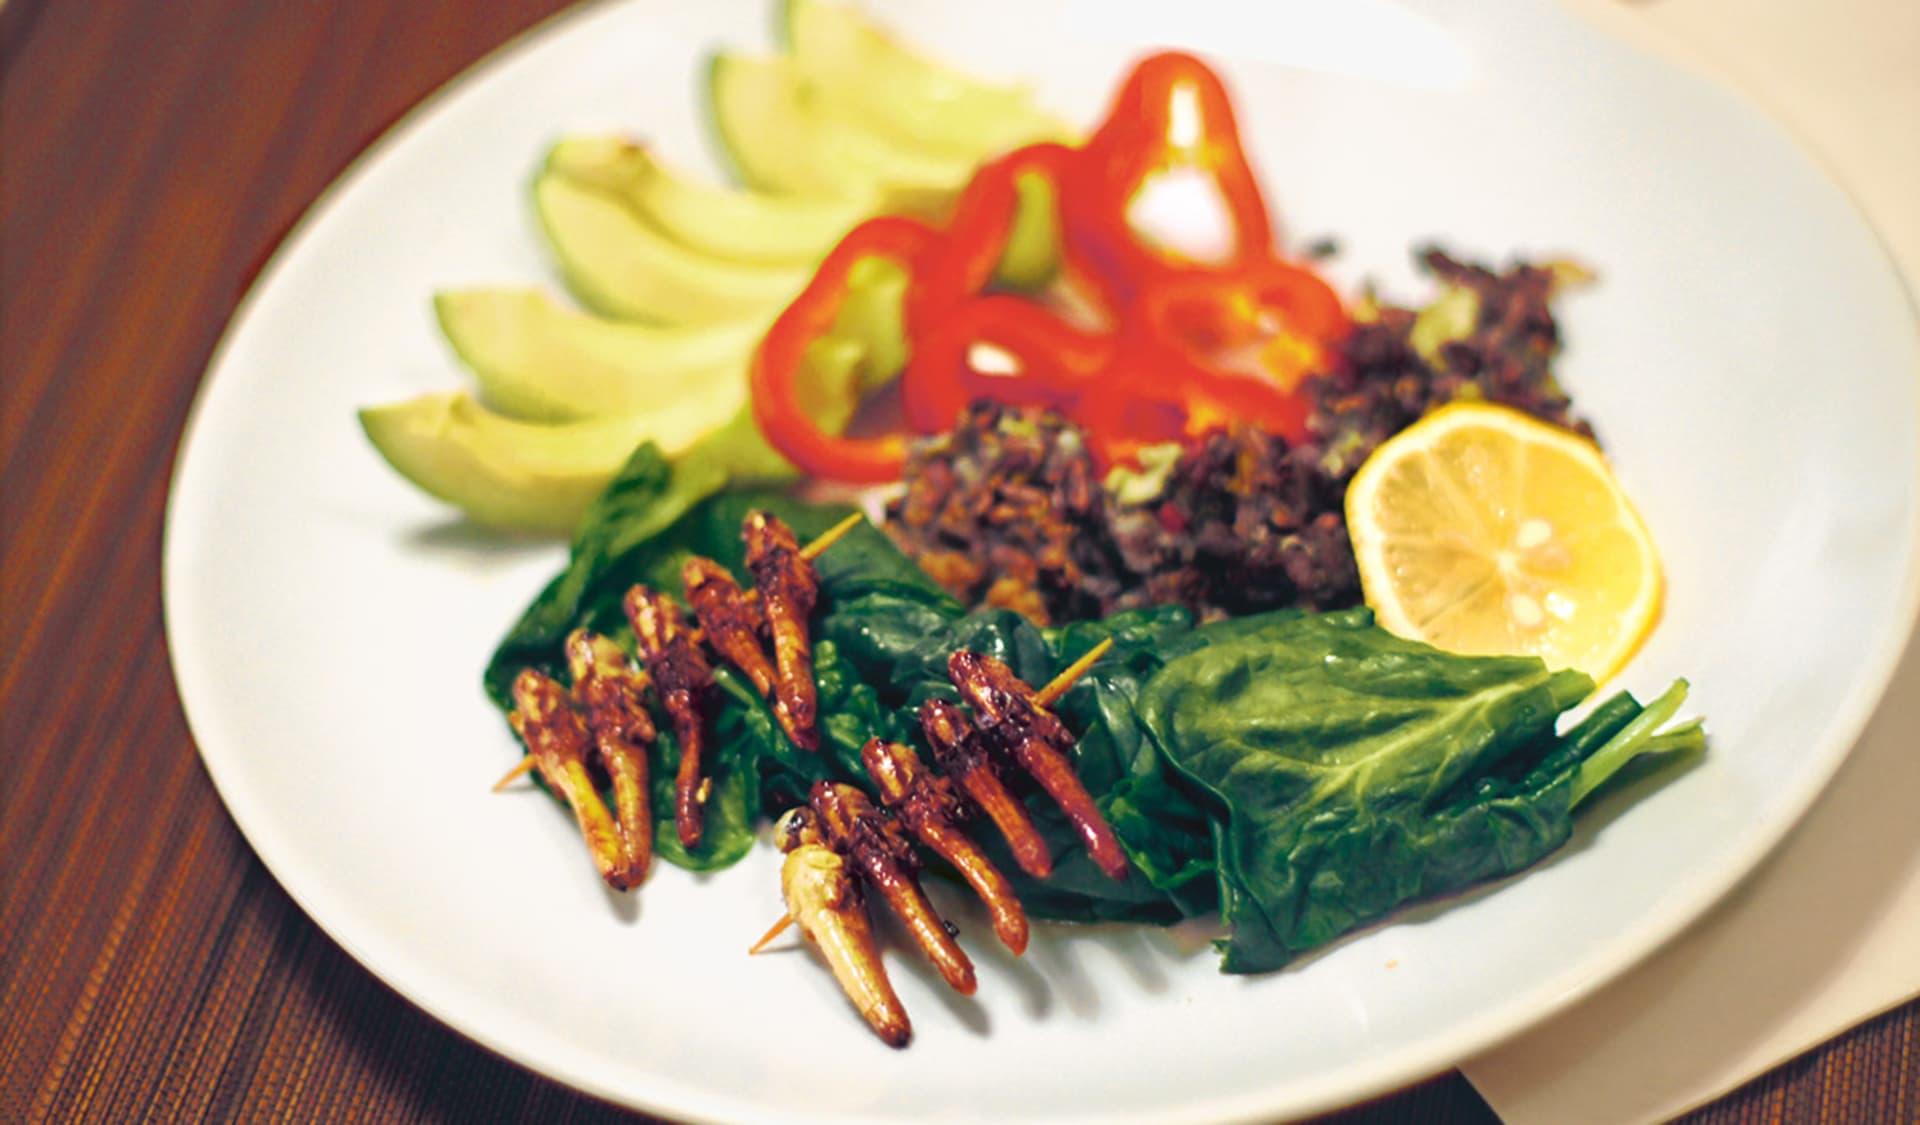 Gebratene Heuschrecken am Spieß drappiert auf einem Teller mit Spinat, Paprika uns Avocado